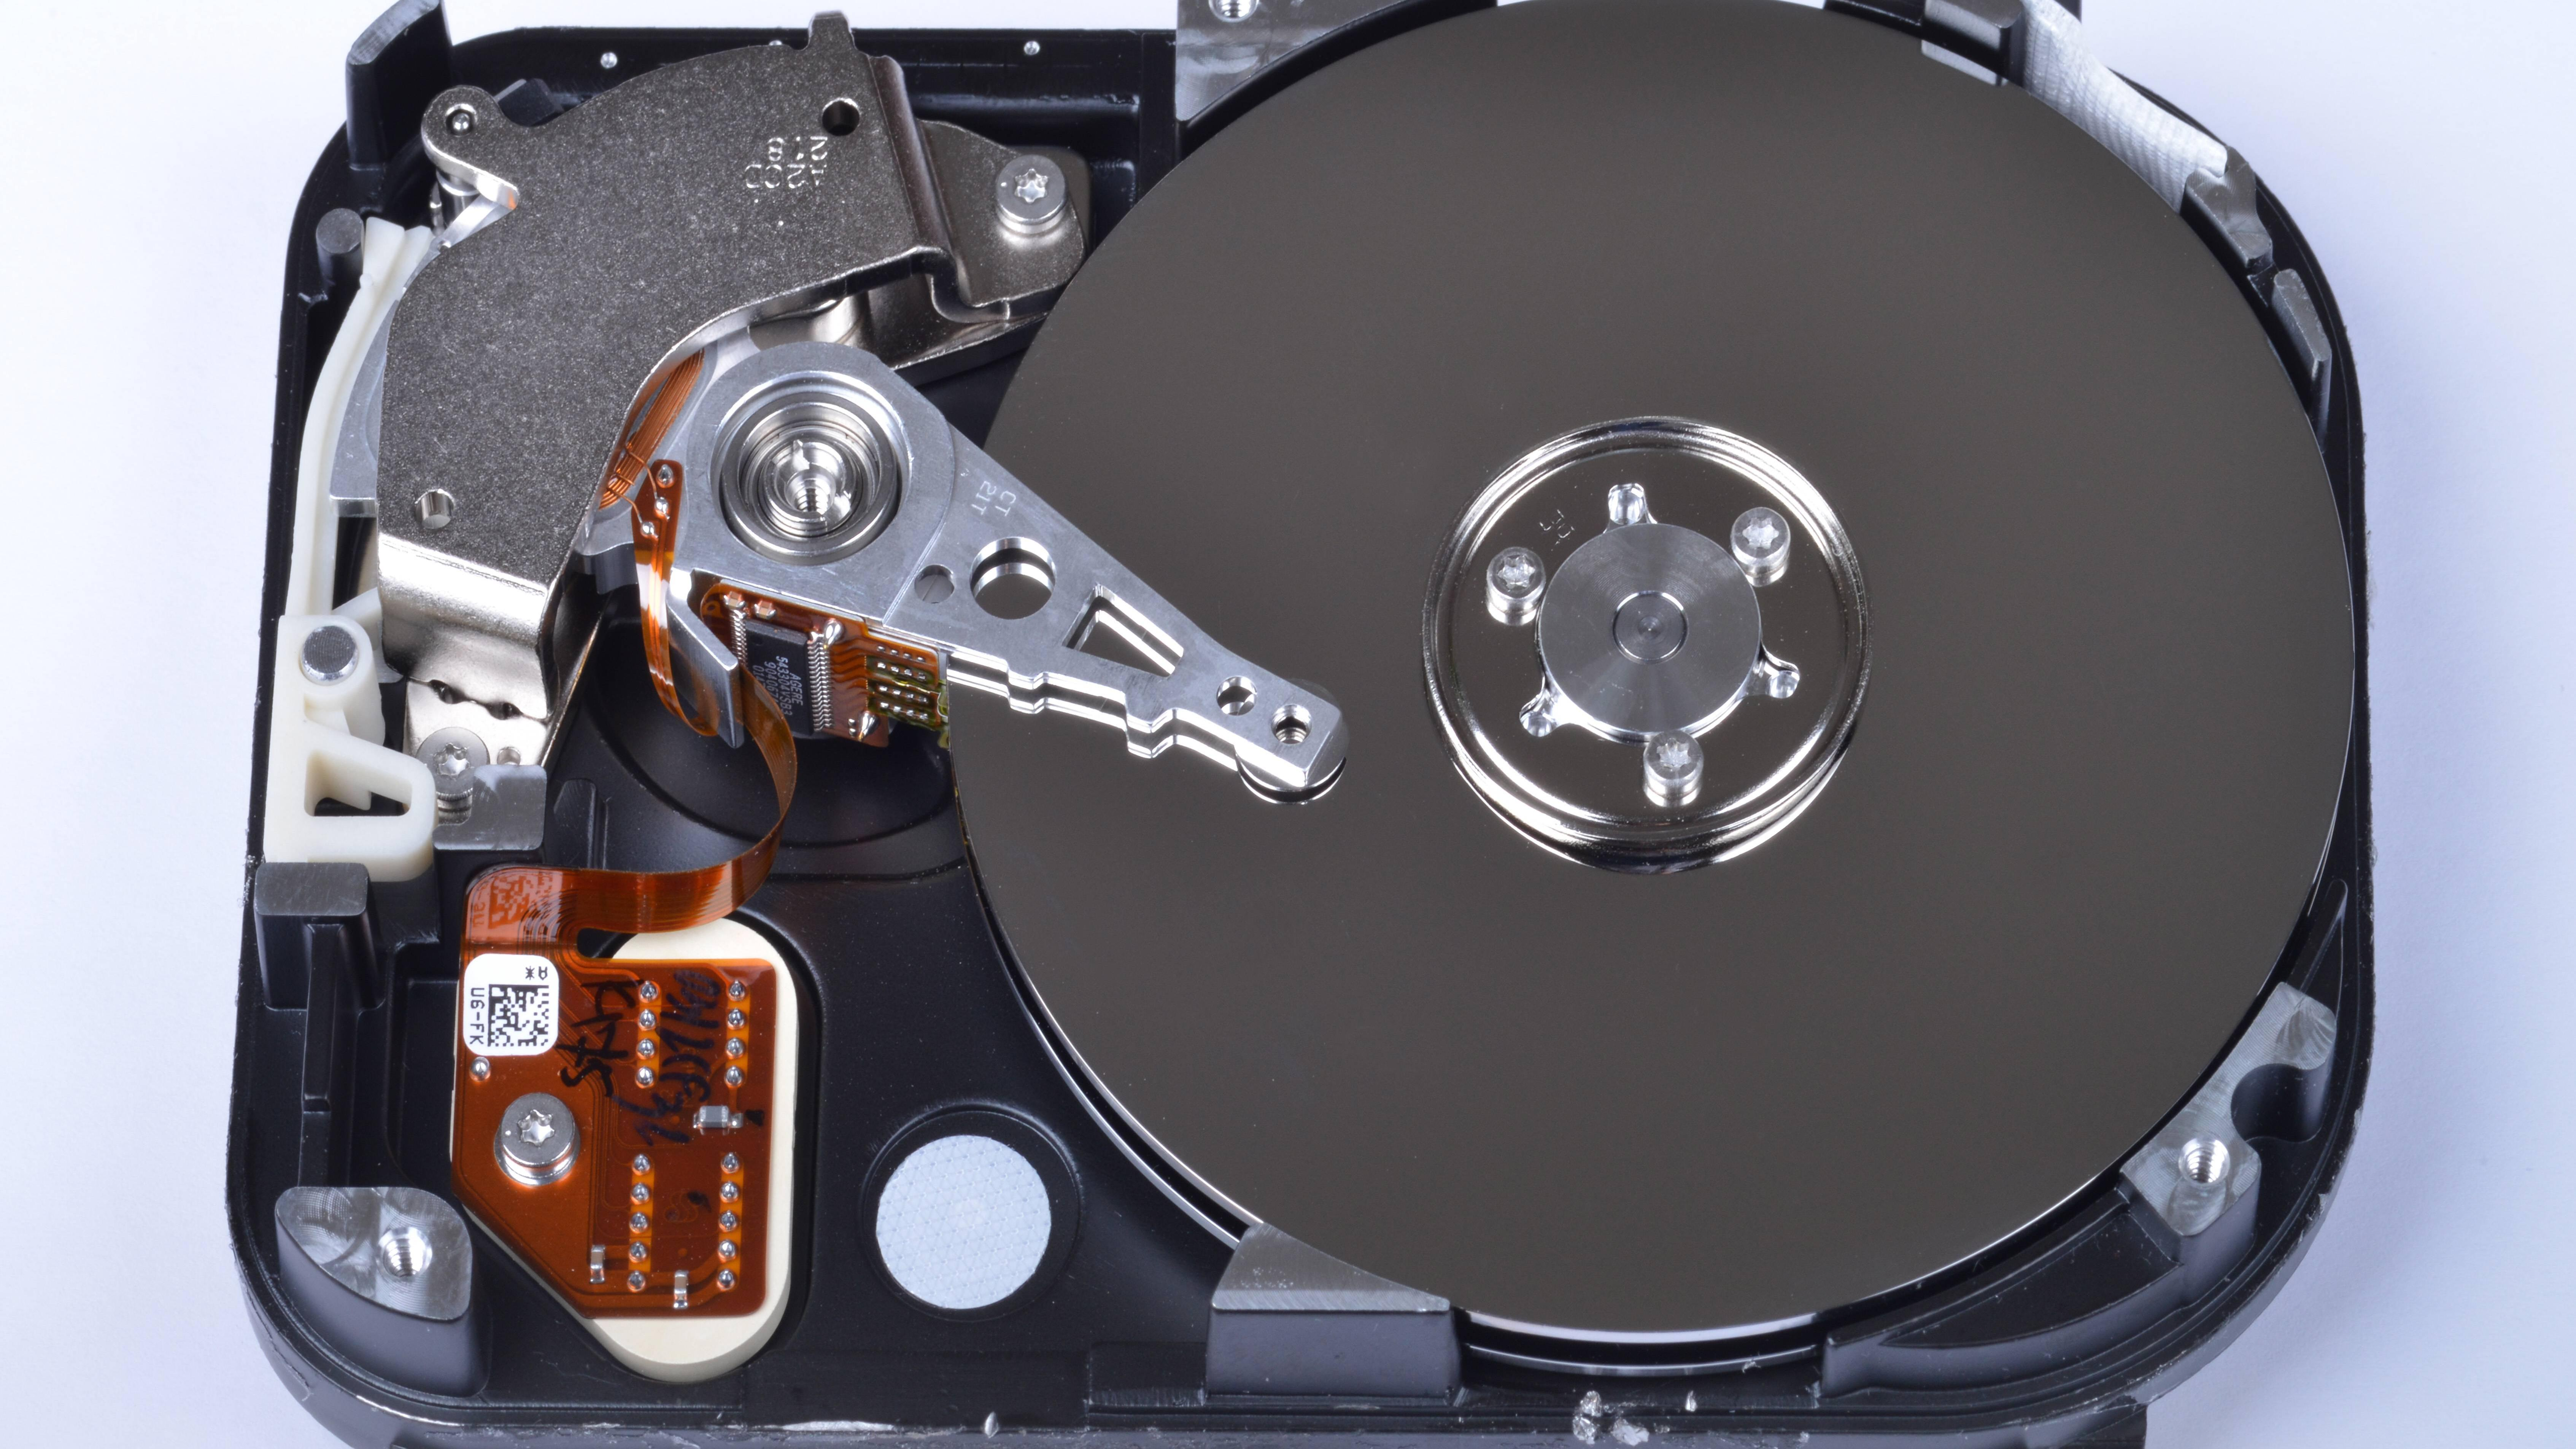 Interne Festplatte ausschalten - so geht's